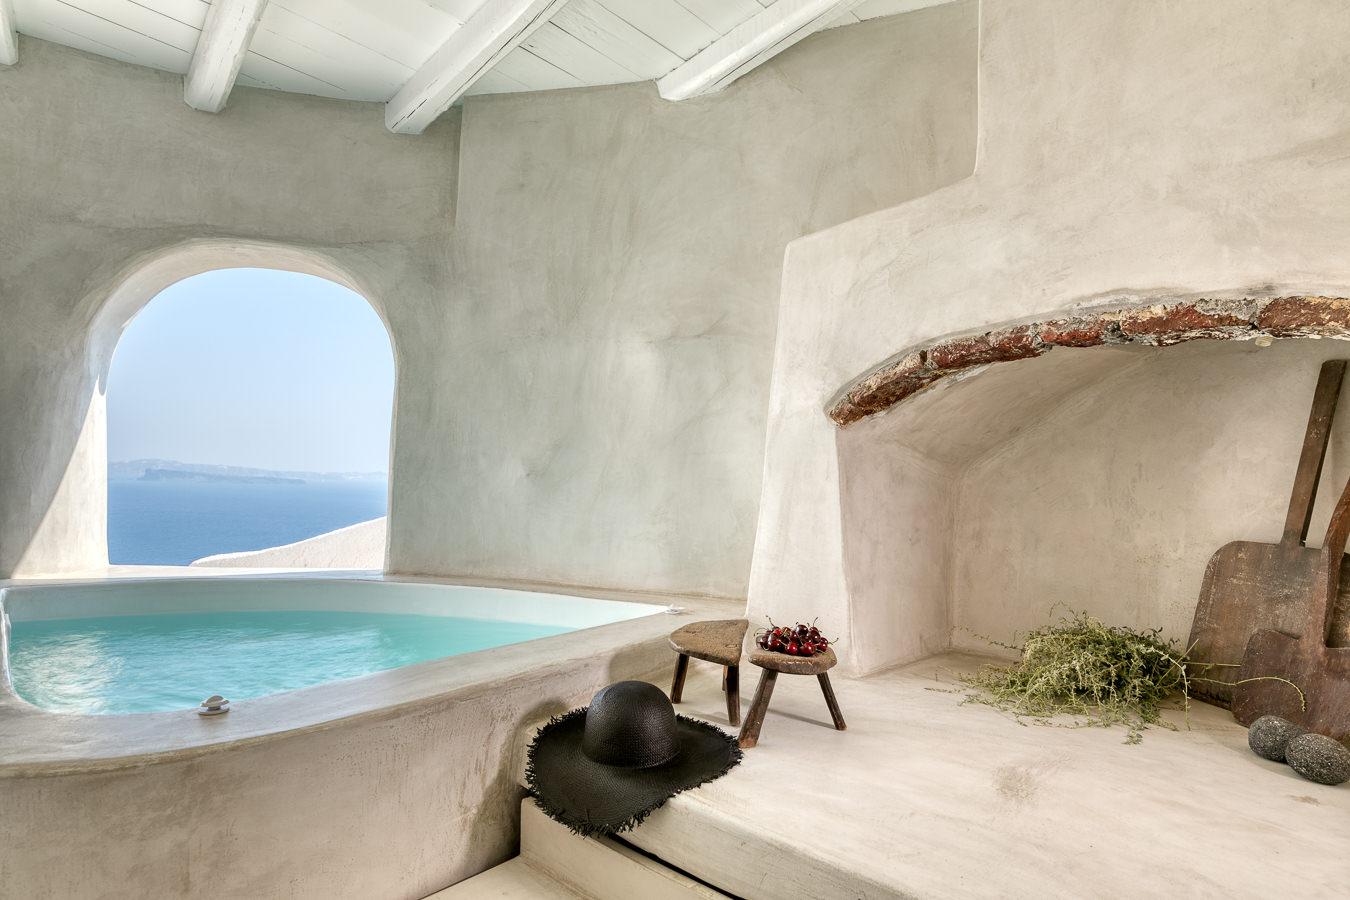 Caldera Houses, Santorini, Γιώργος Φάκαρος - Αρχιτεκτονική Φωτογραφία | Εσωτερικοί Χώροι | Φωτογραφία Ξενοδοχειών - Photography / Φωτογραφία